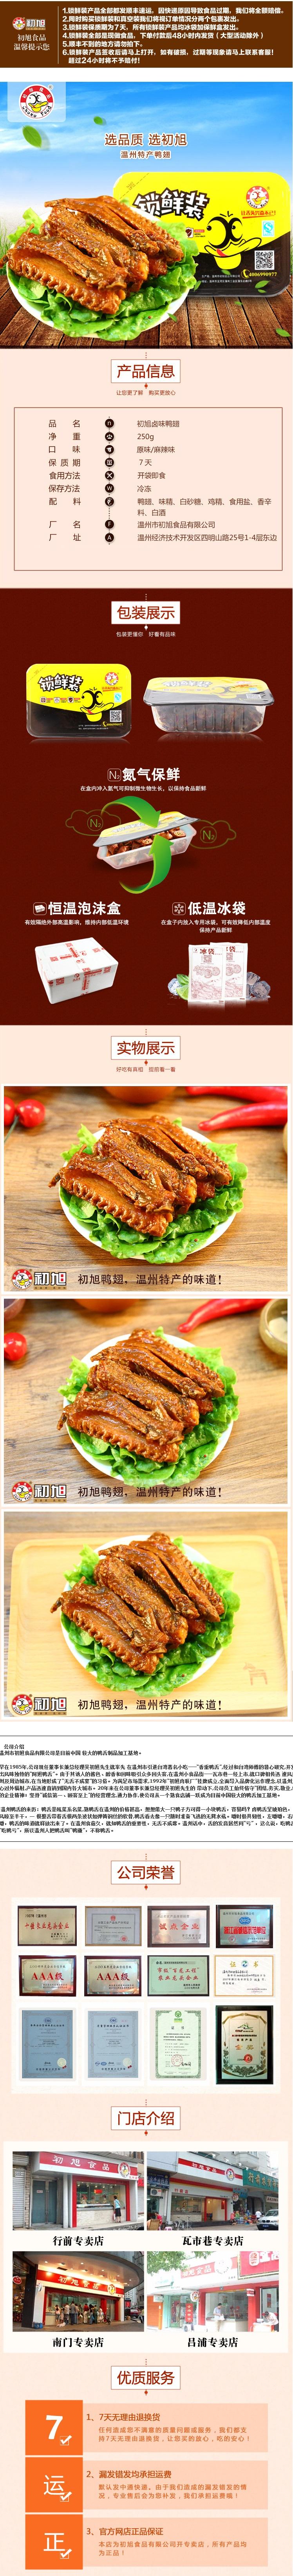 浙江温州特产  锁鲜装盒装鸭翅原味麻辣美味零食250g